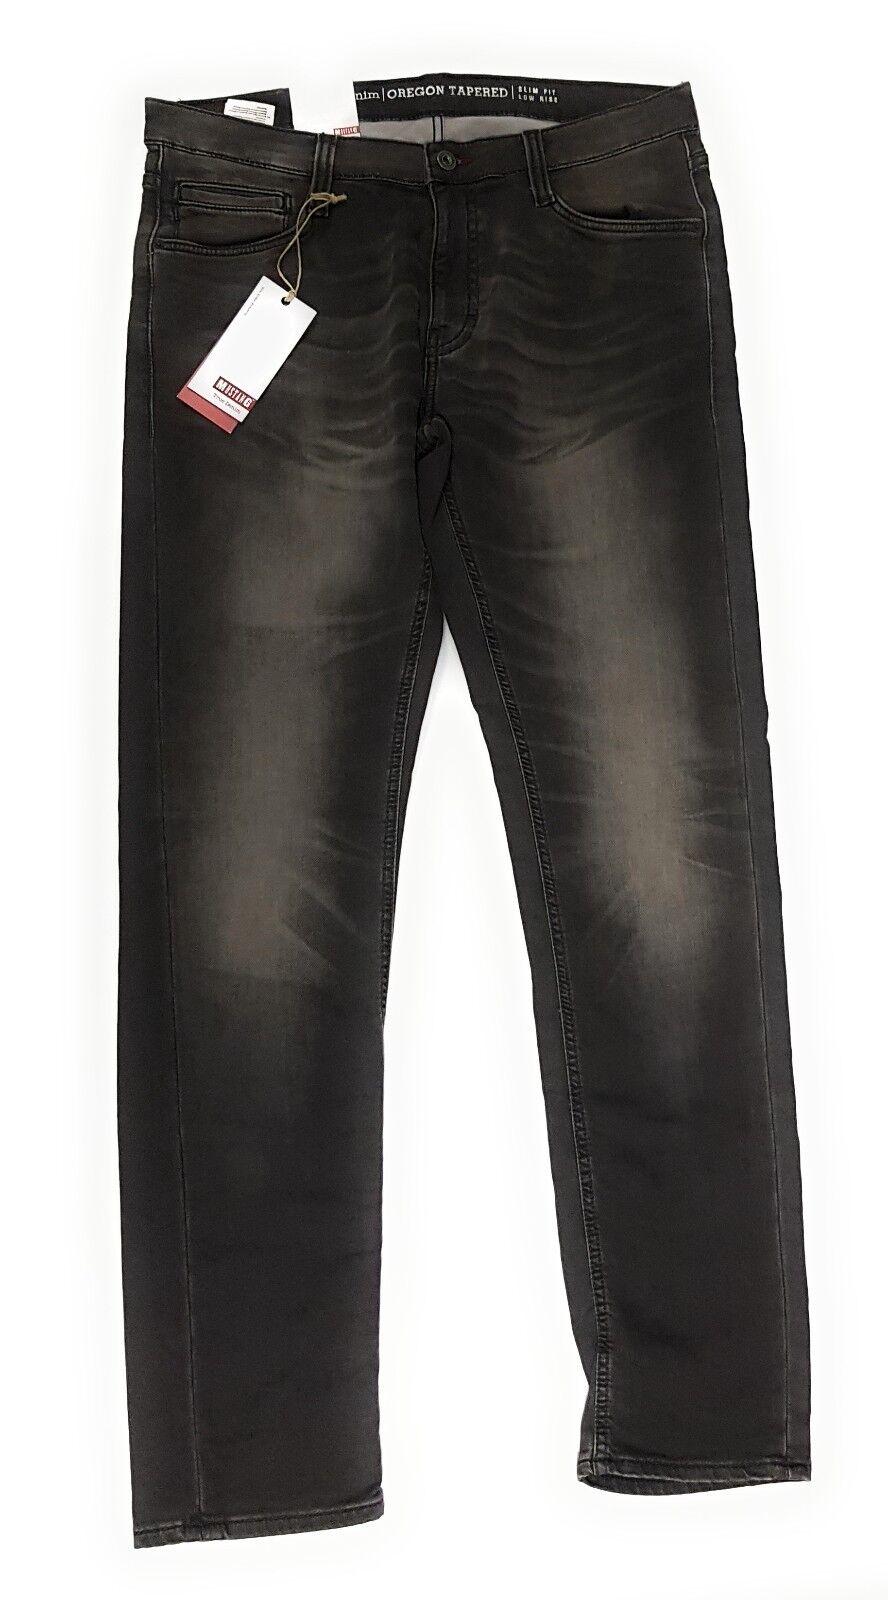 MUSTANG Herren Jeanshose Oregon Slim Low Taperot K 1001956 Jeans Hose Grau 313    Internationale Wahl    Ausgezeichnete Leistung    Qualität und Verbraucher an erster Stelle